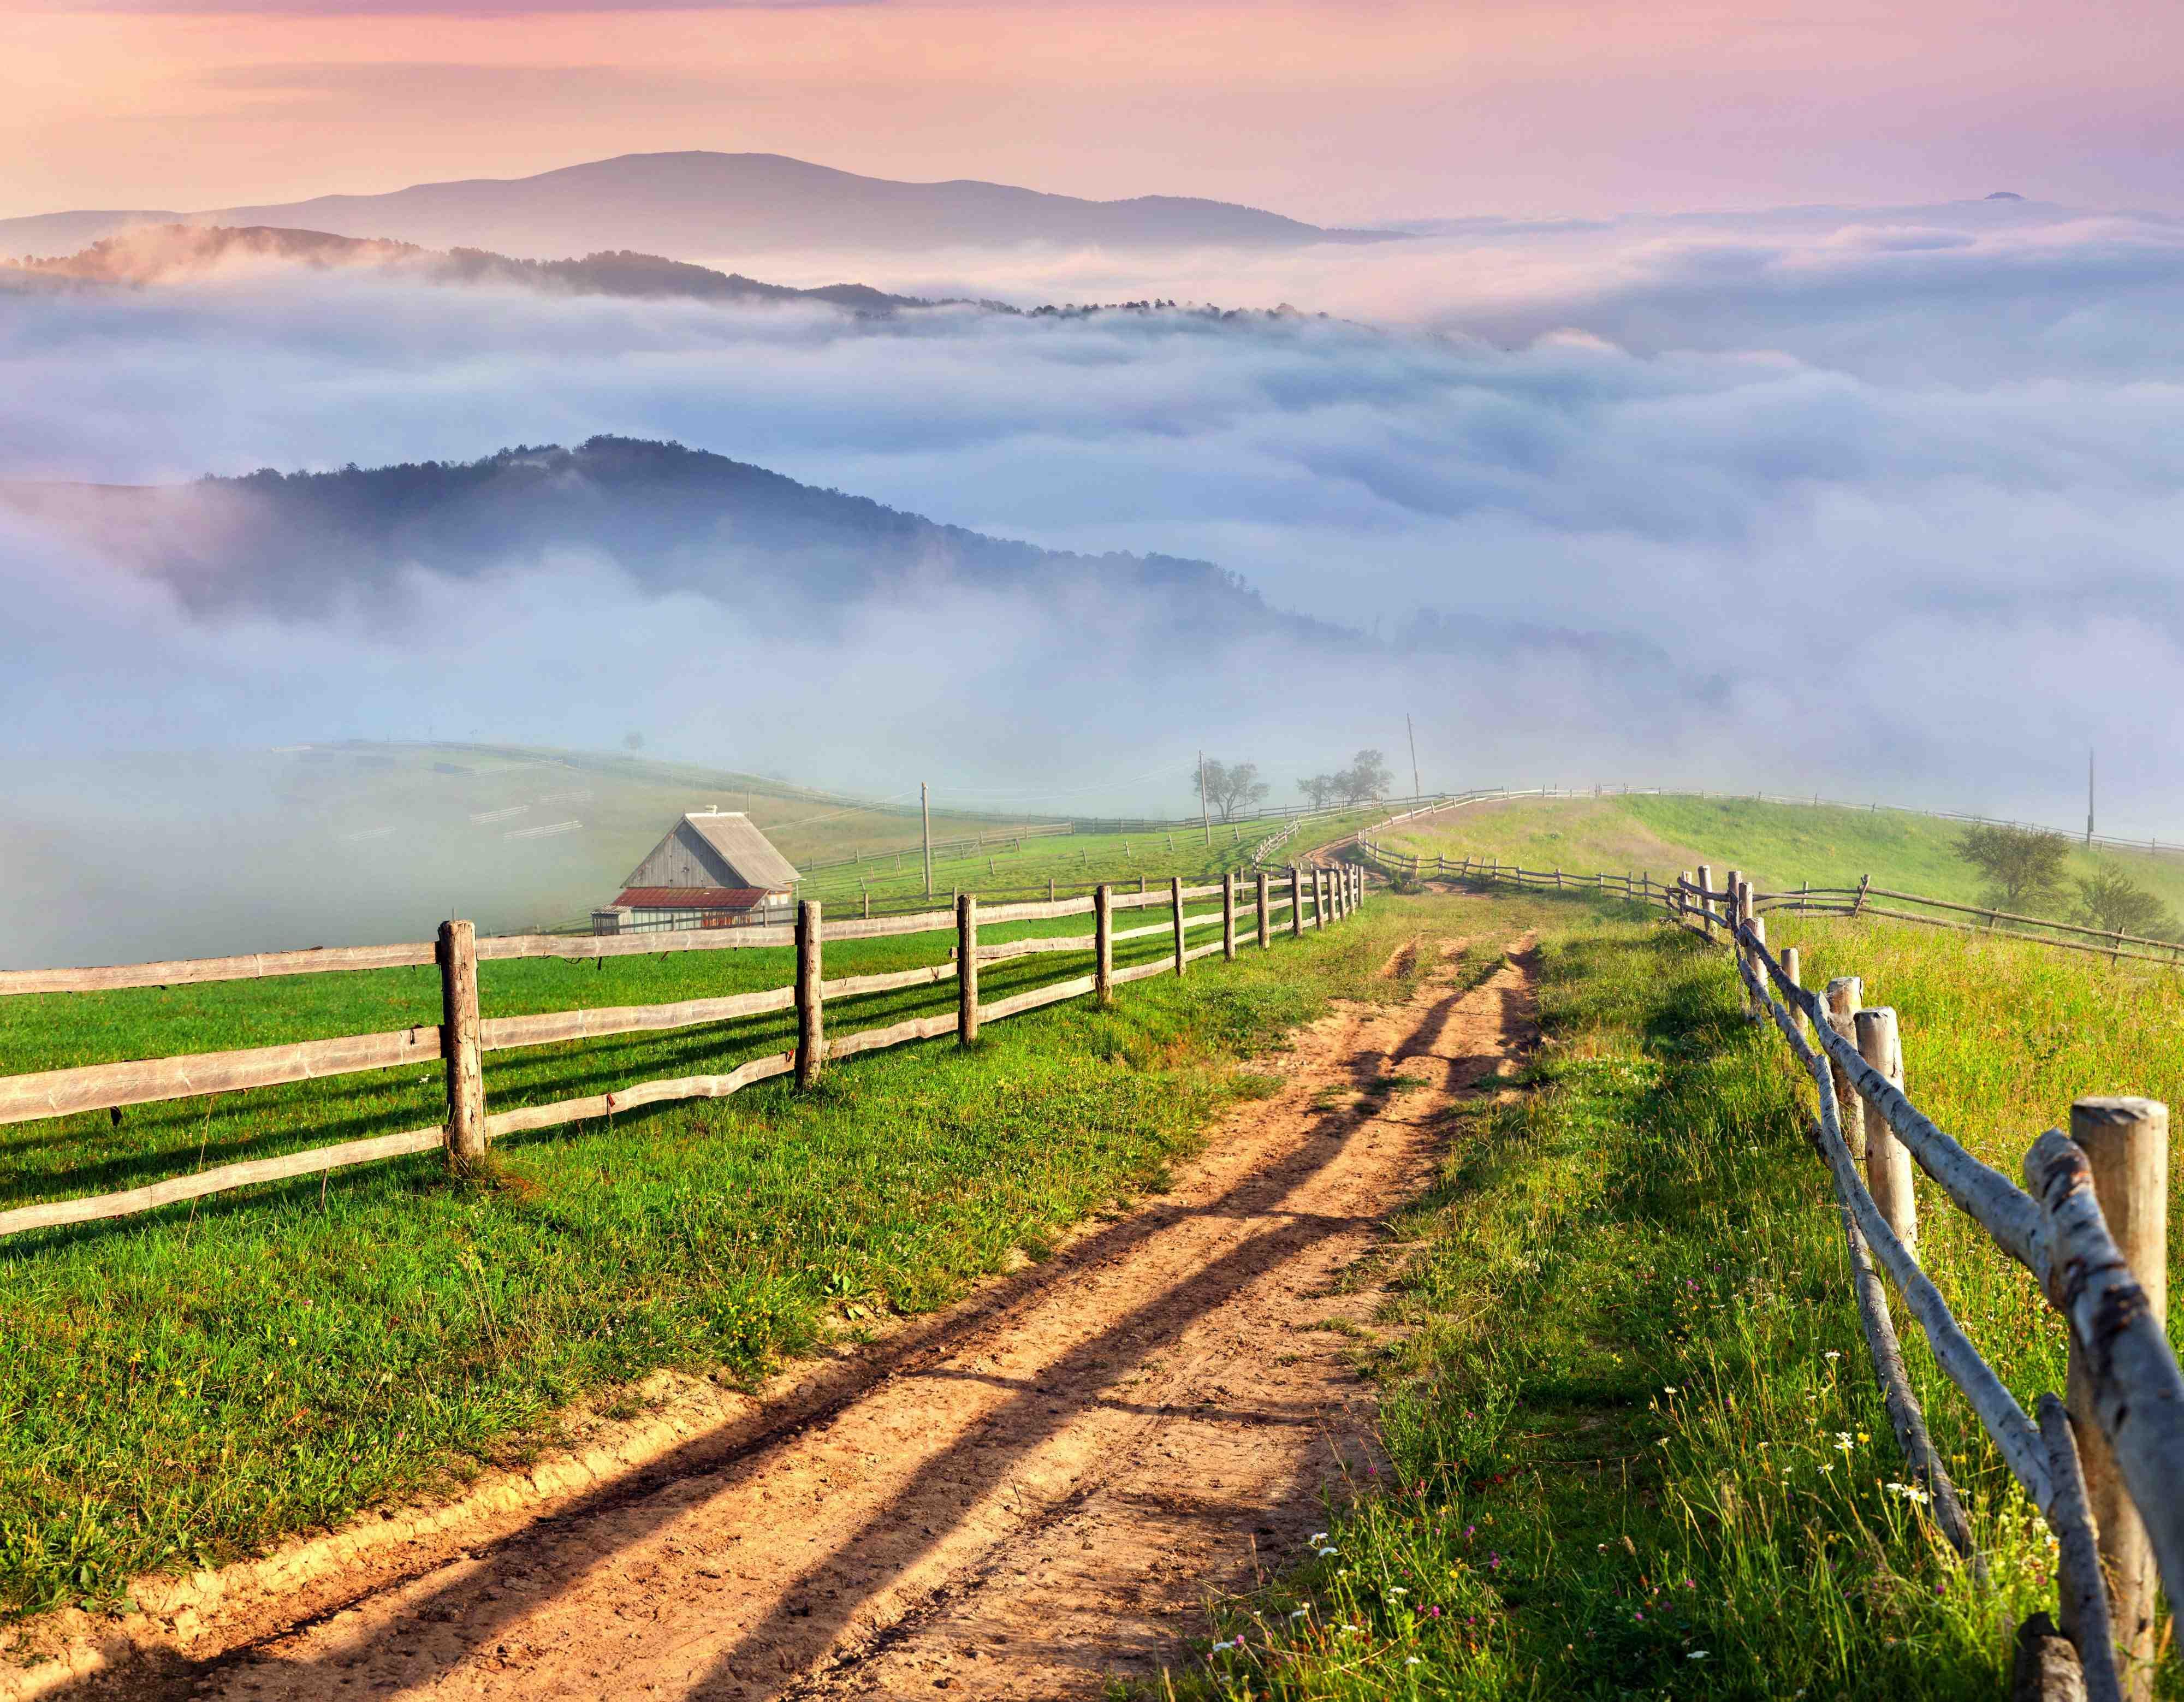 Hình nền thiên nhiên đẹp nhất thế giới